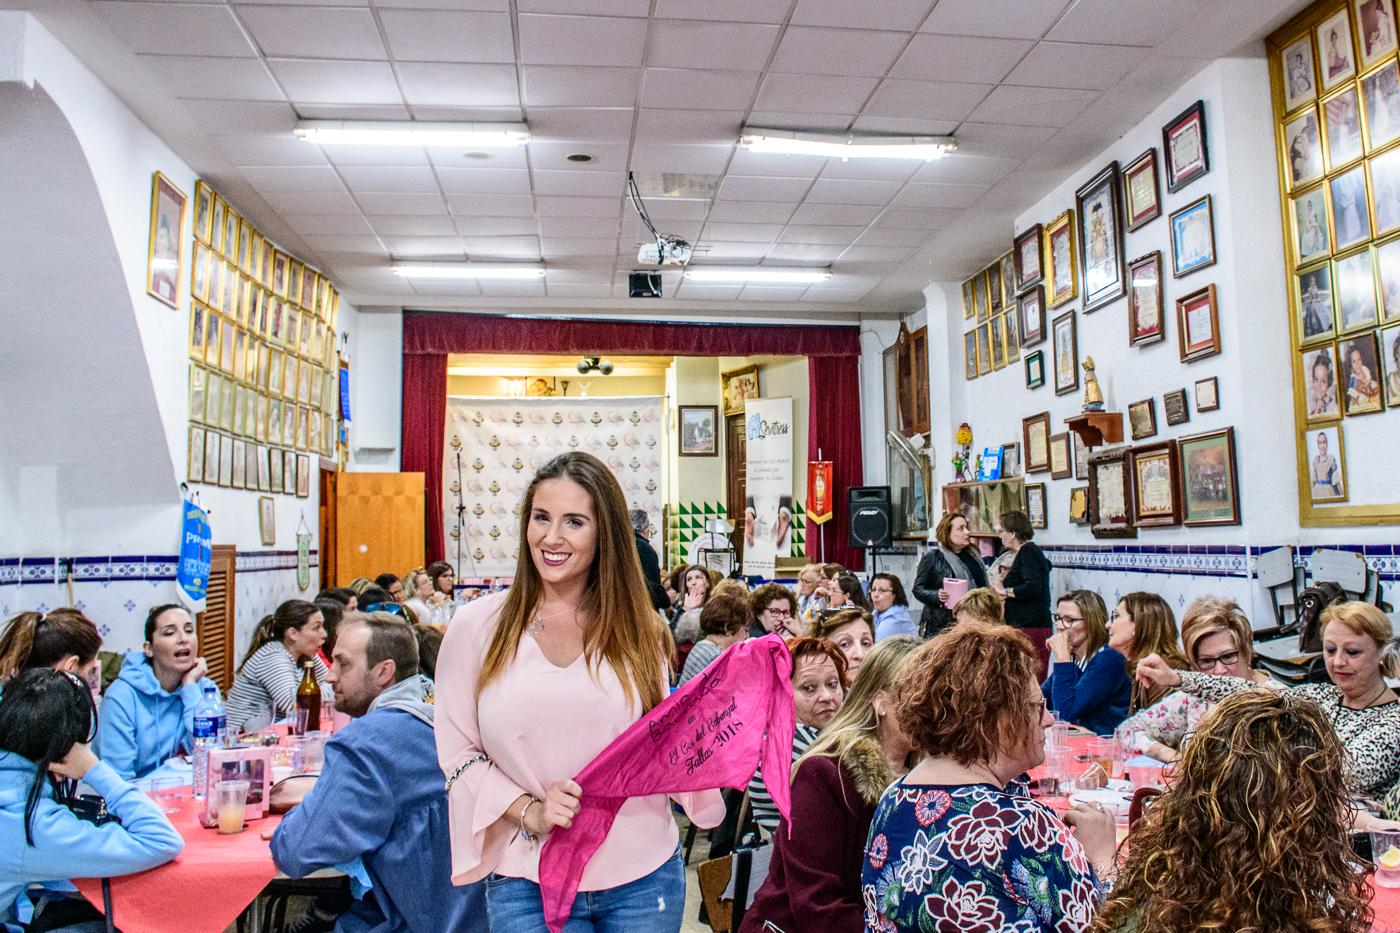 Meeting of The Fallas queens, El Cabanyal, 2019